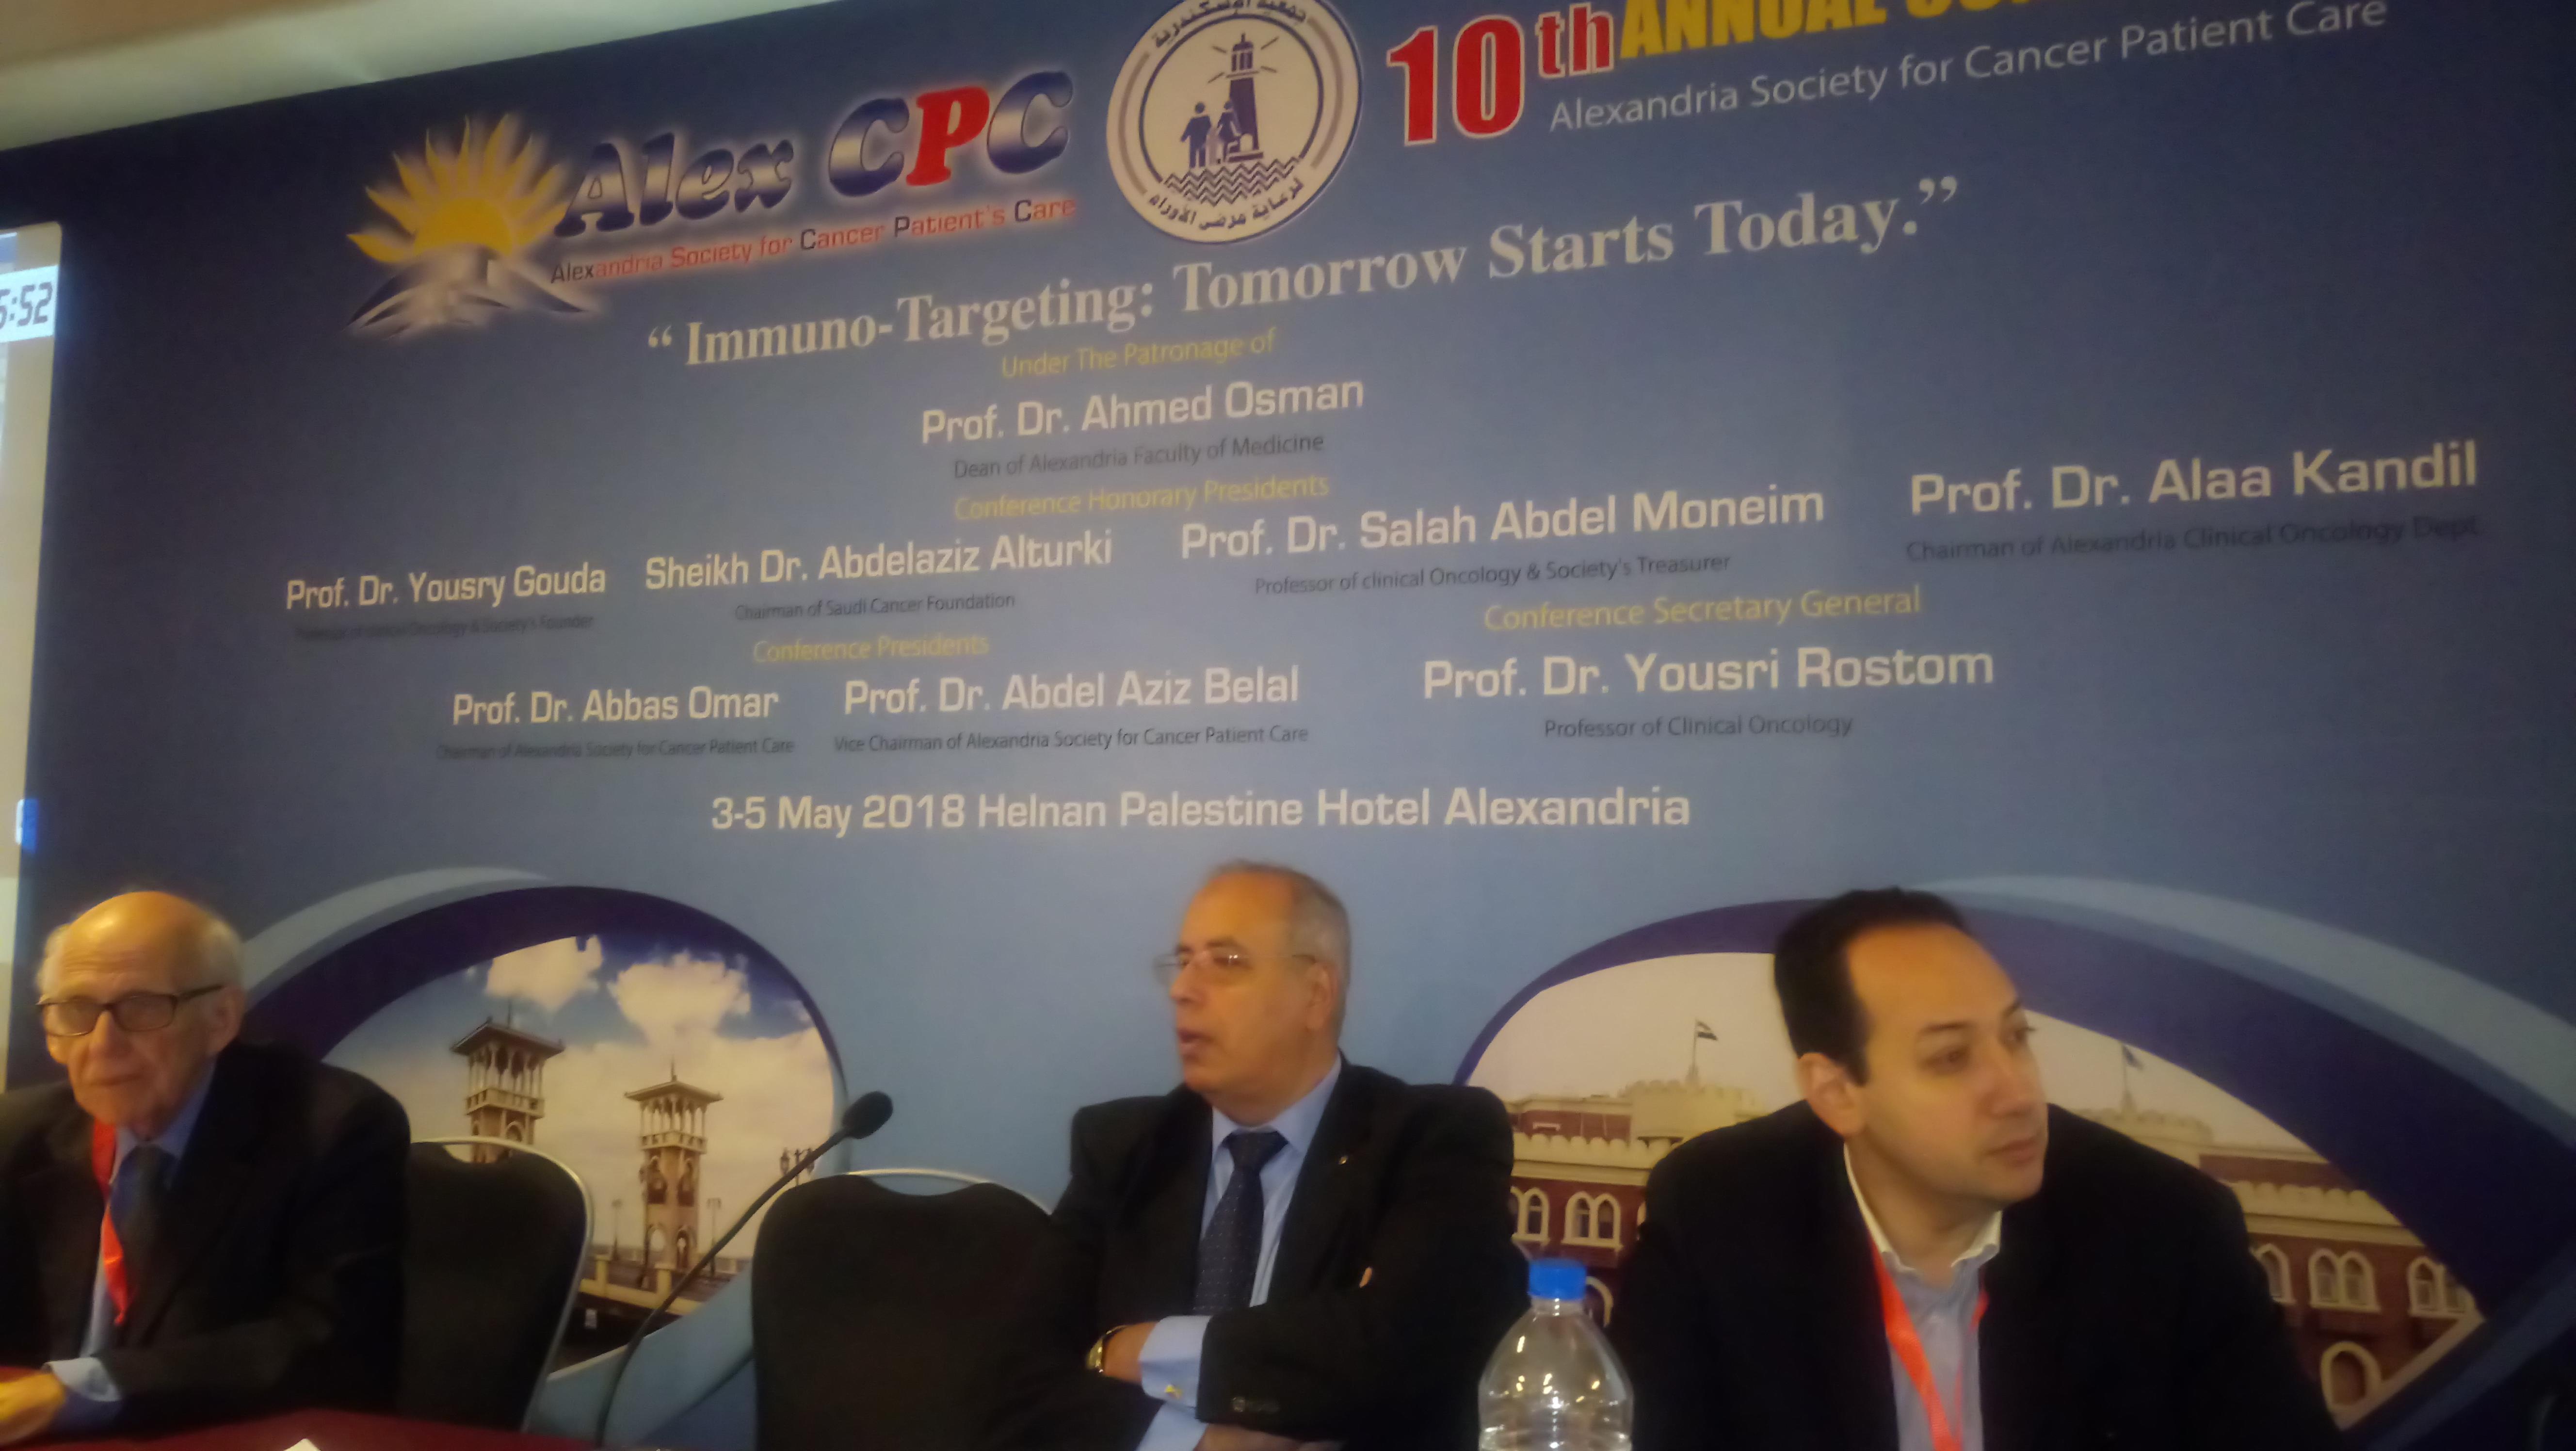 المؤتمر السنوى العاشر لجمعية الإسكندرية لرعاية مرضى السرطان  (5)